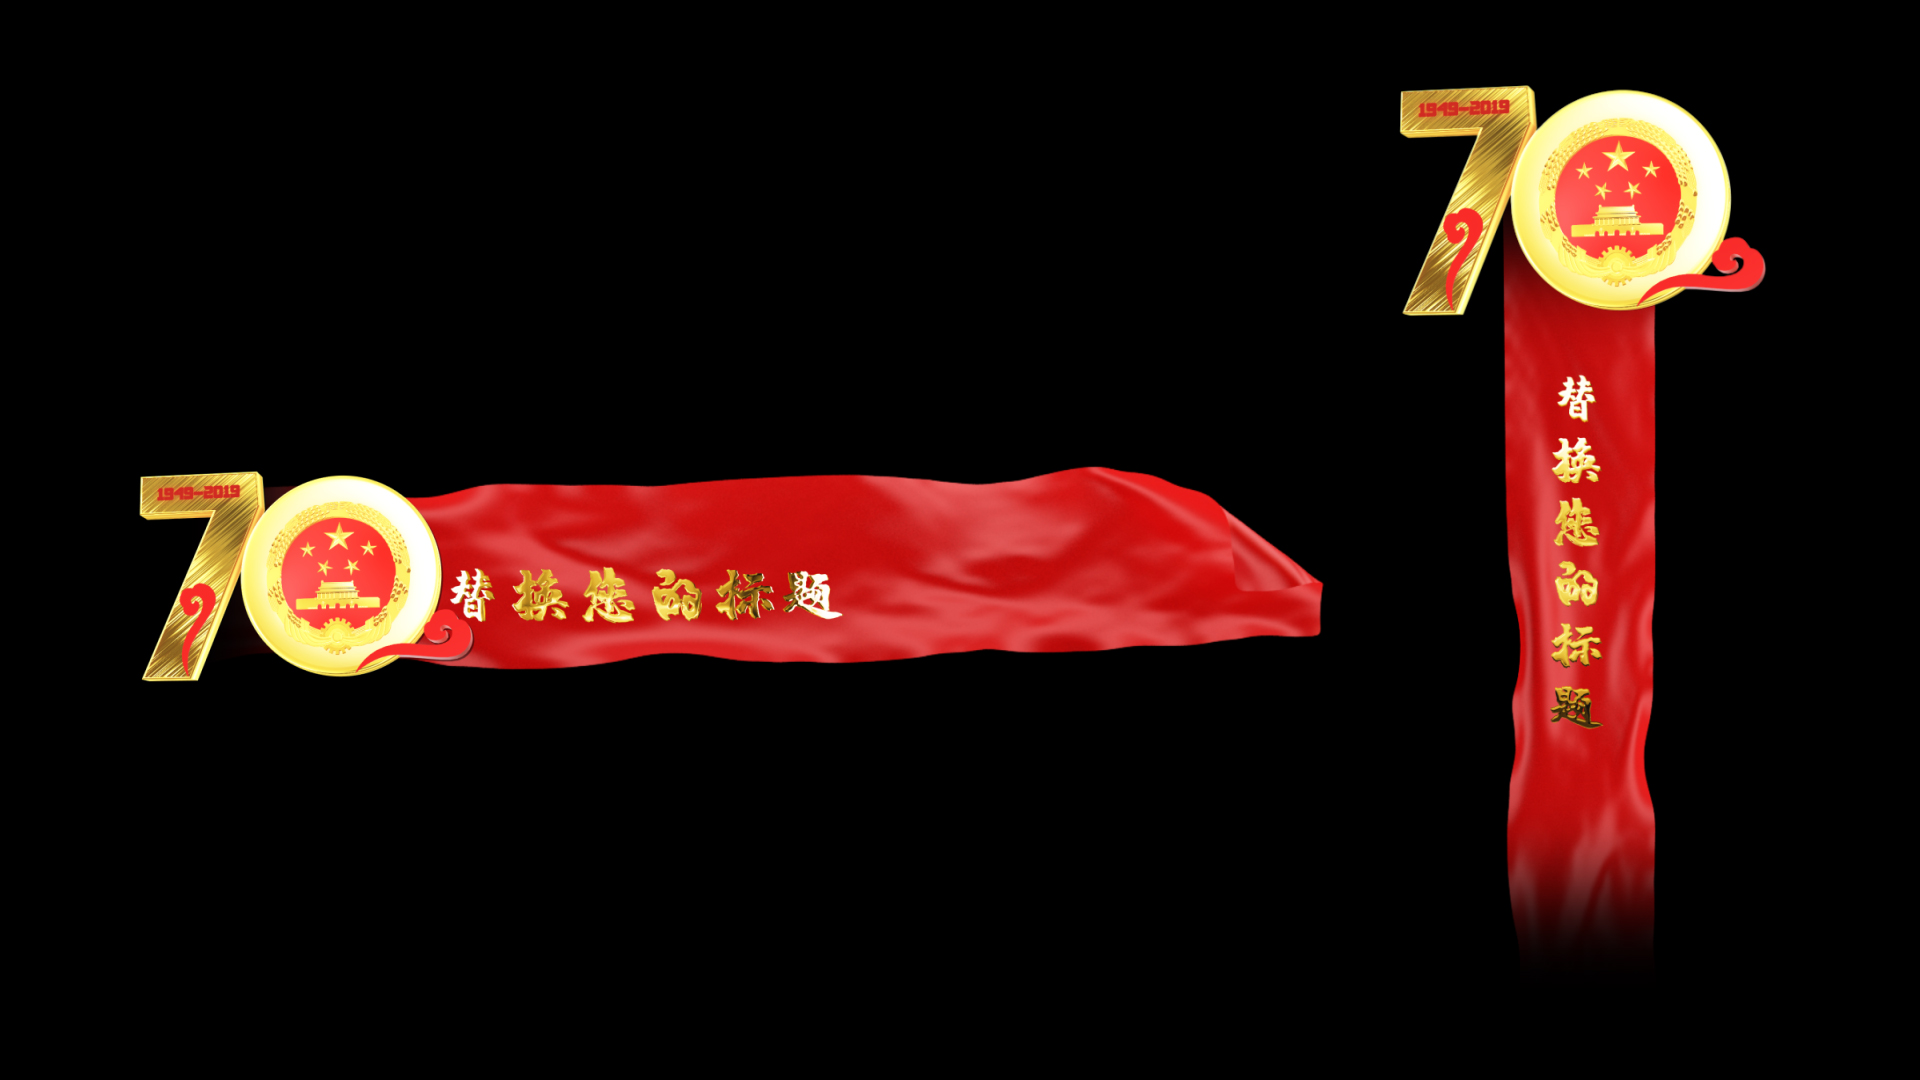 大氣紅色新中國成立70周年國慶字幕條透明通道